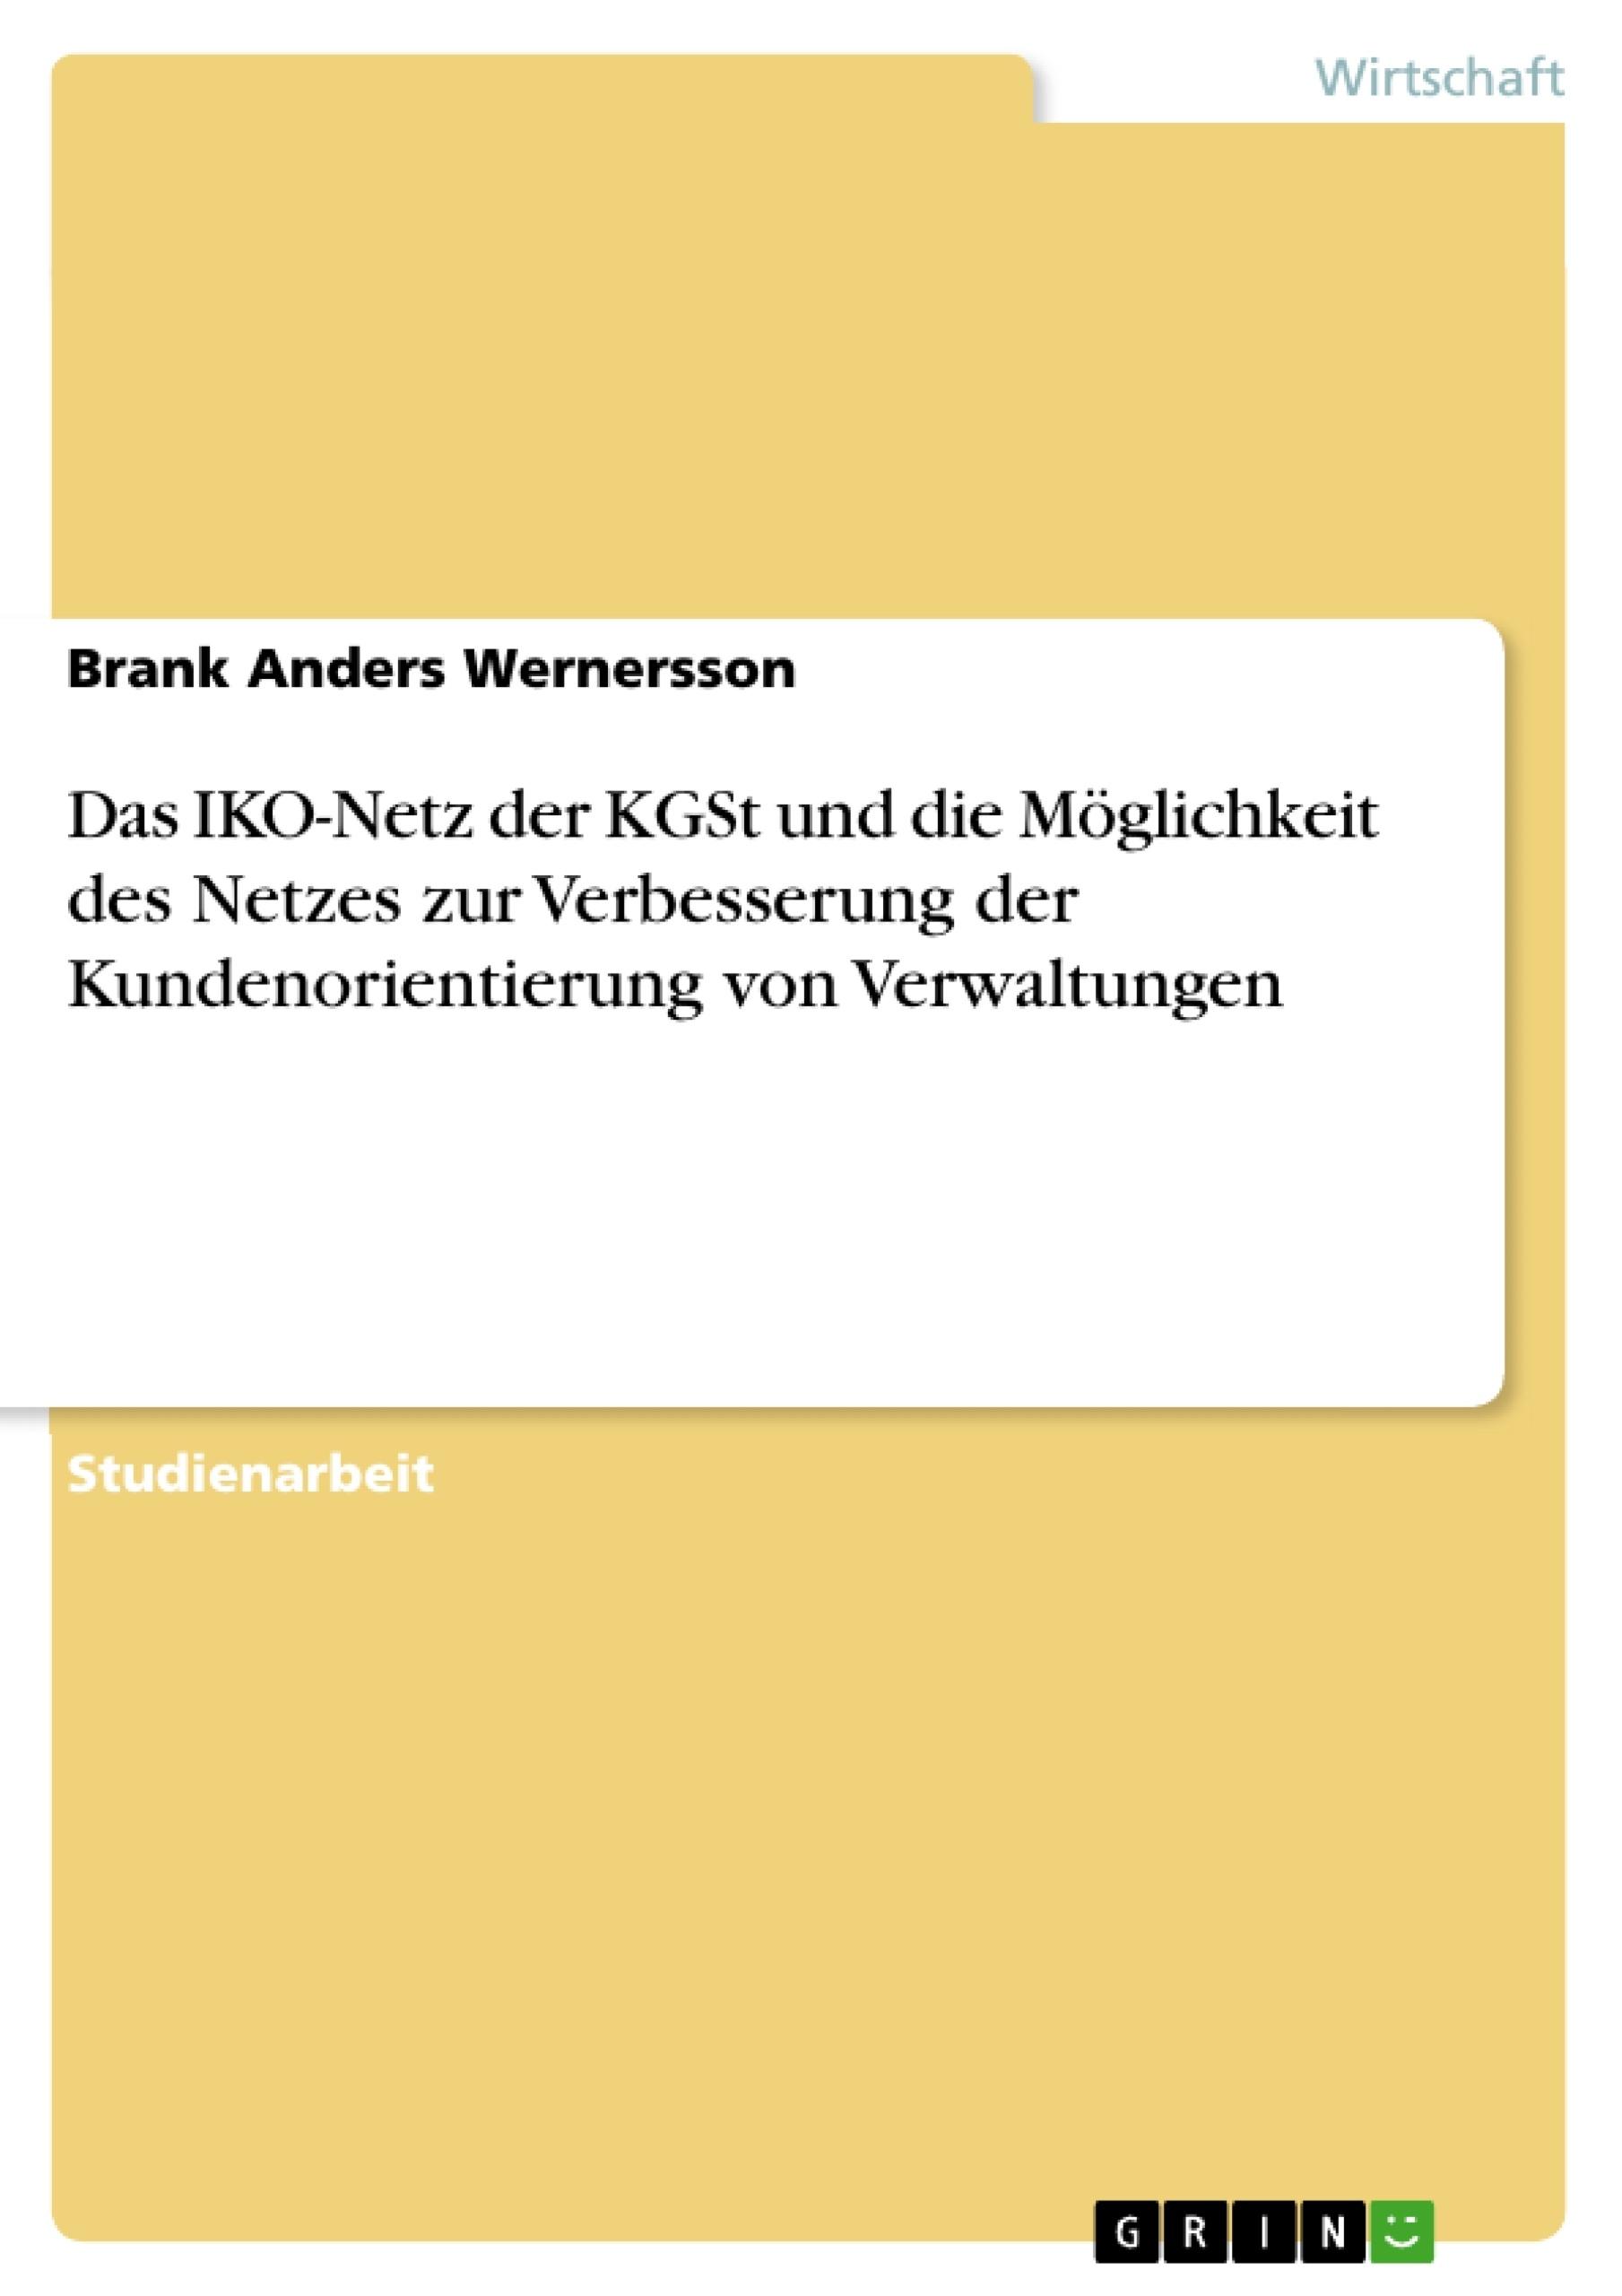 Titel: Das IKO-Netz der KGSt und die Möglichkeit des Netzes zur Verbesserung der Kundenorientierung von Verwaltungen